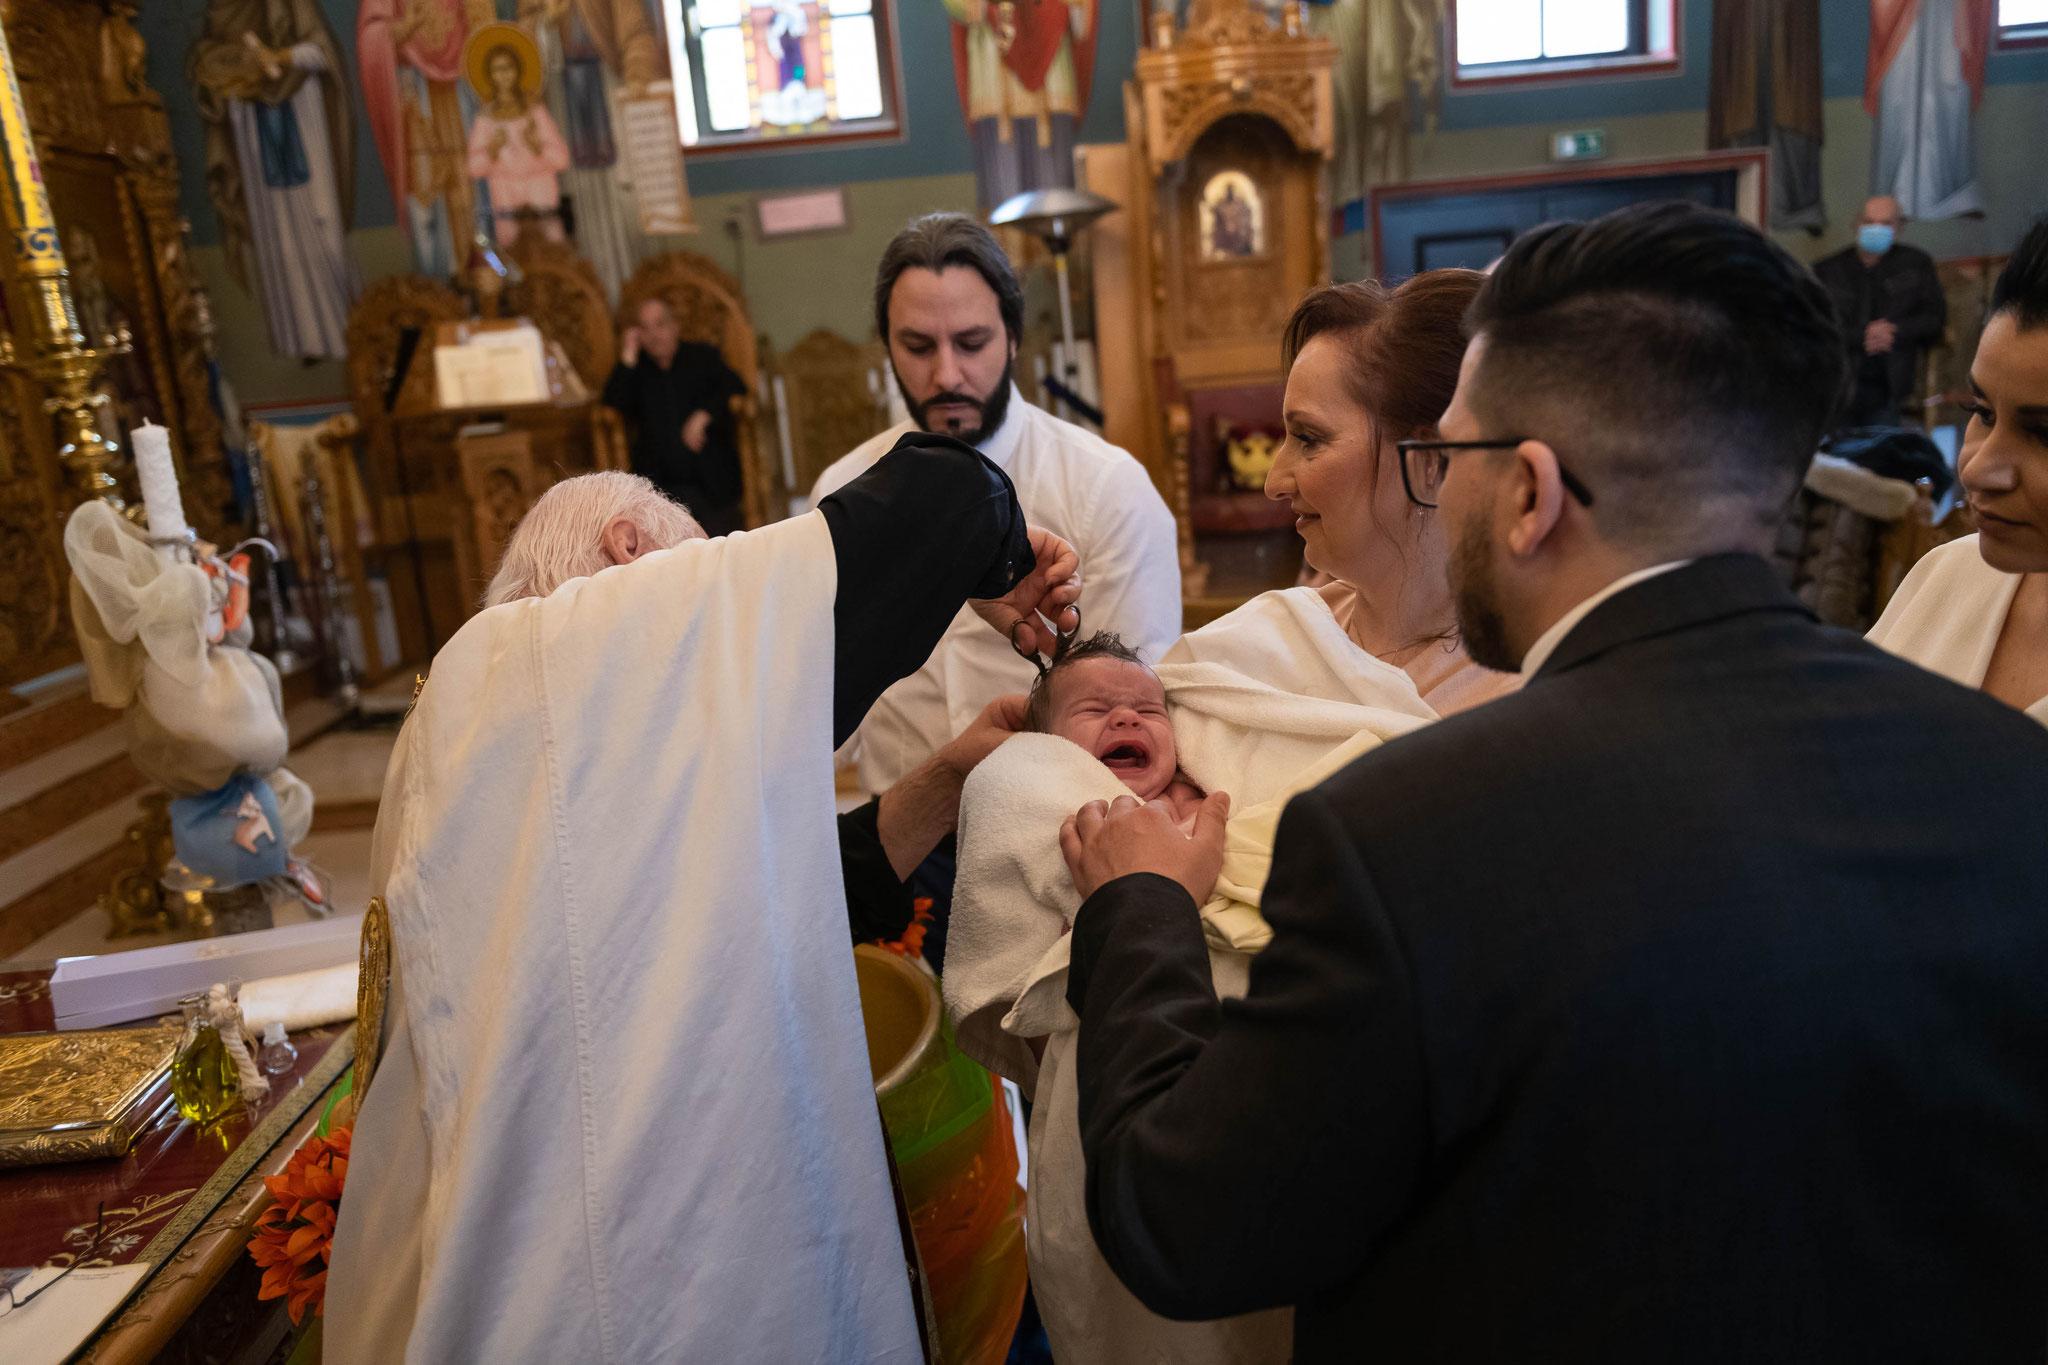 Fotograf für griechische orthodoxe Taufe in Wiesbaden und Umgebung